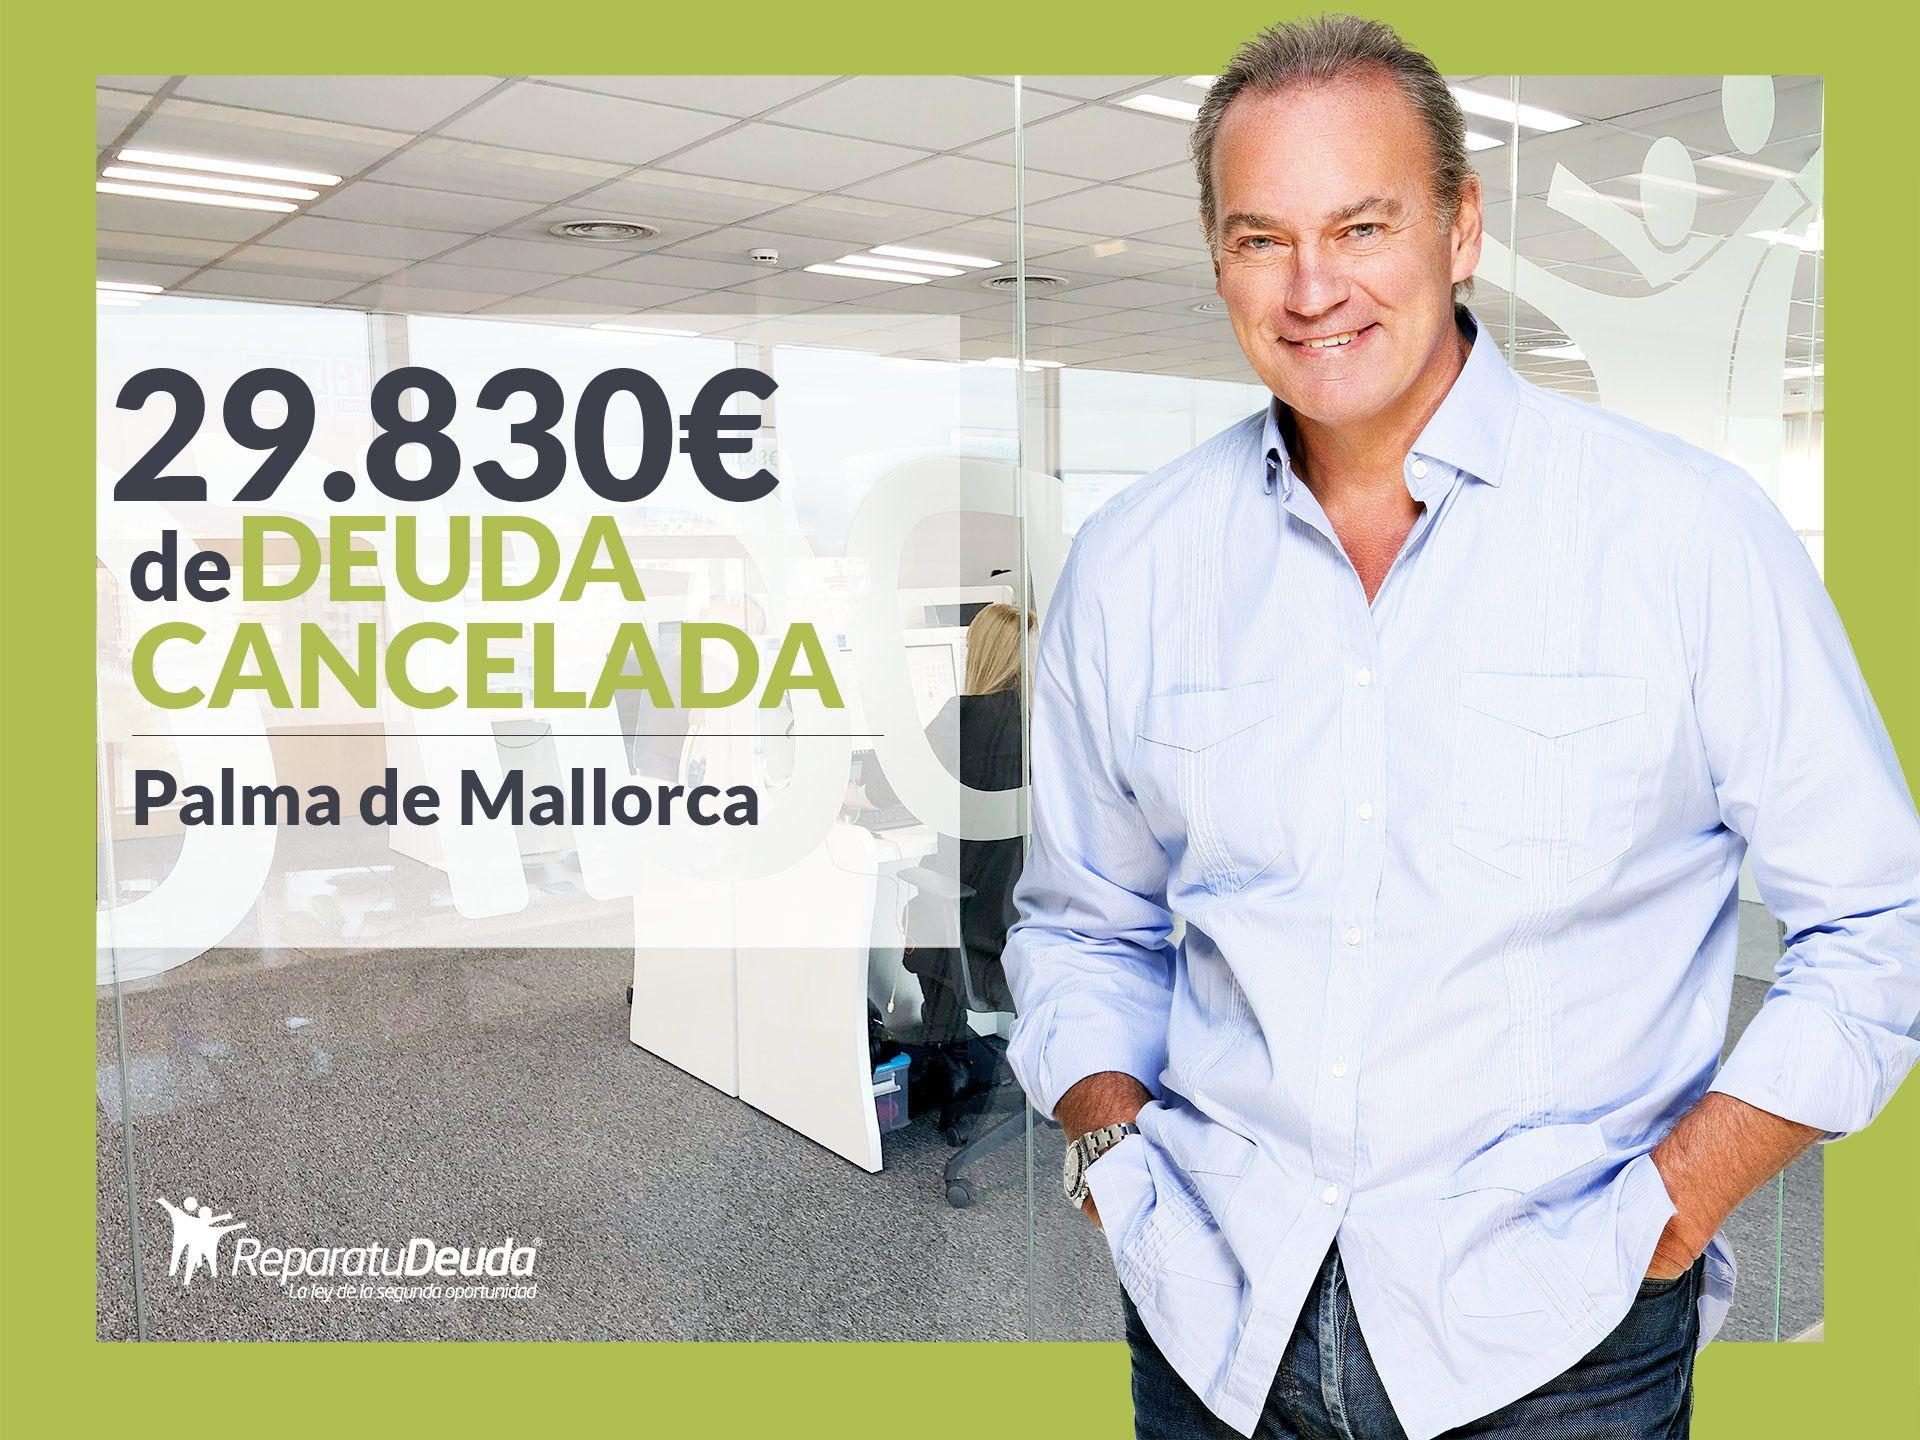 Repara tu Deuda Abogados cancela 29.830? en Palma de Mallorca (Baleares) con la Ley de Segunda Oportunidad